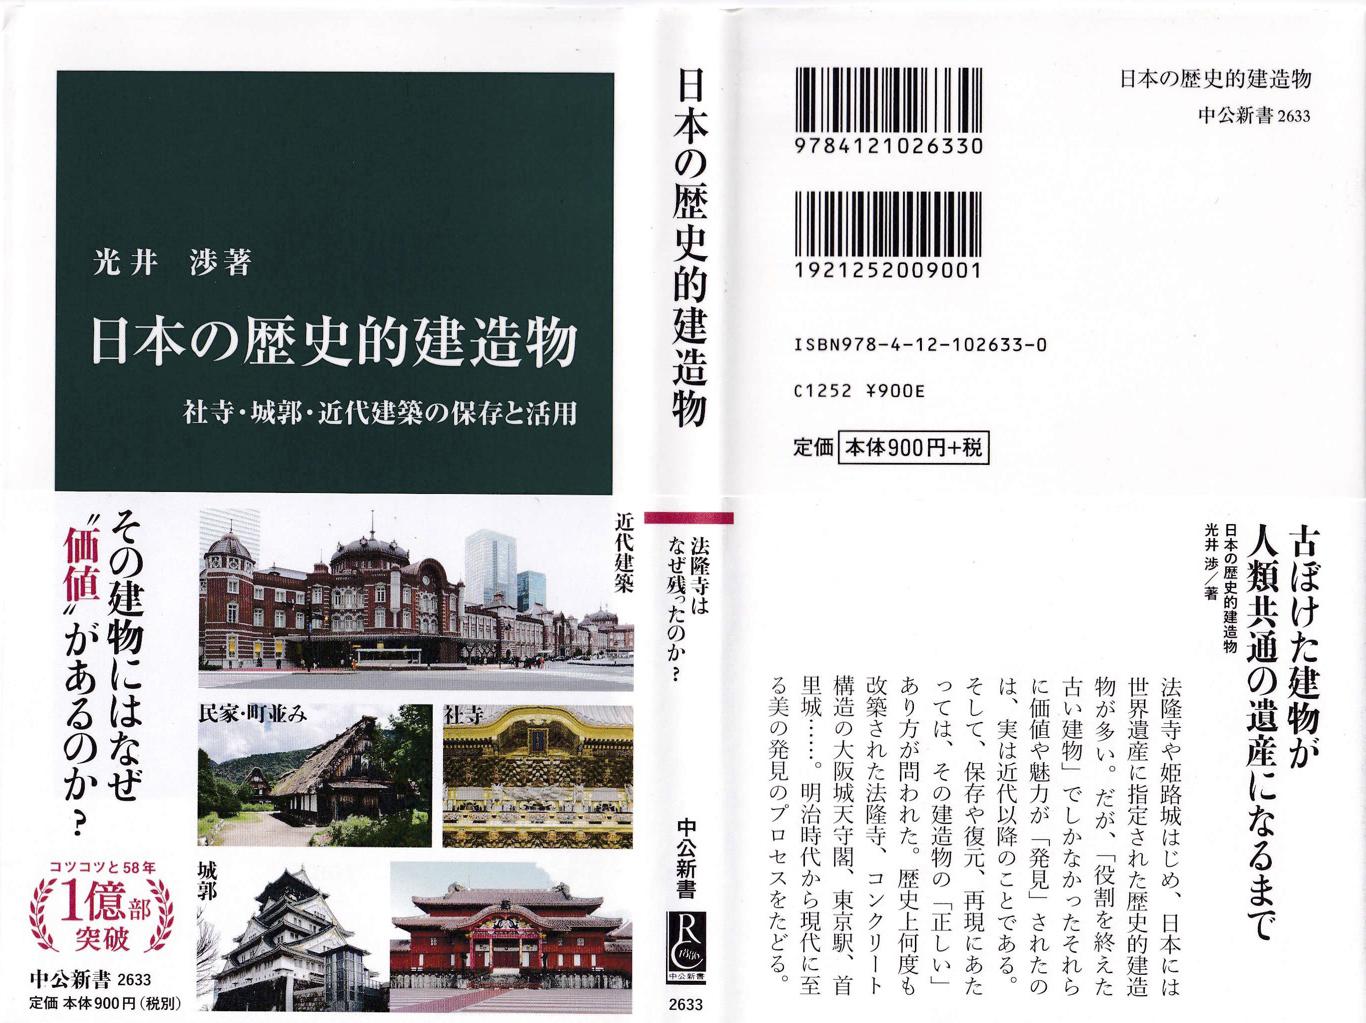 日本の歴史的建造物